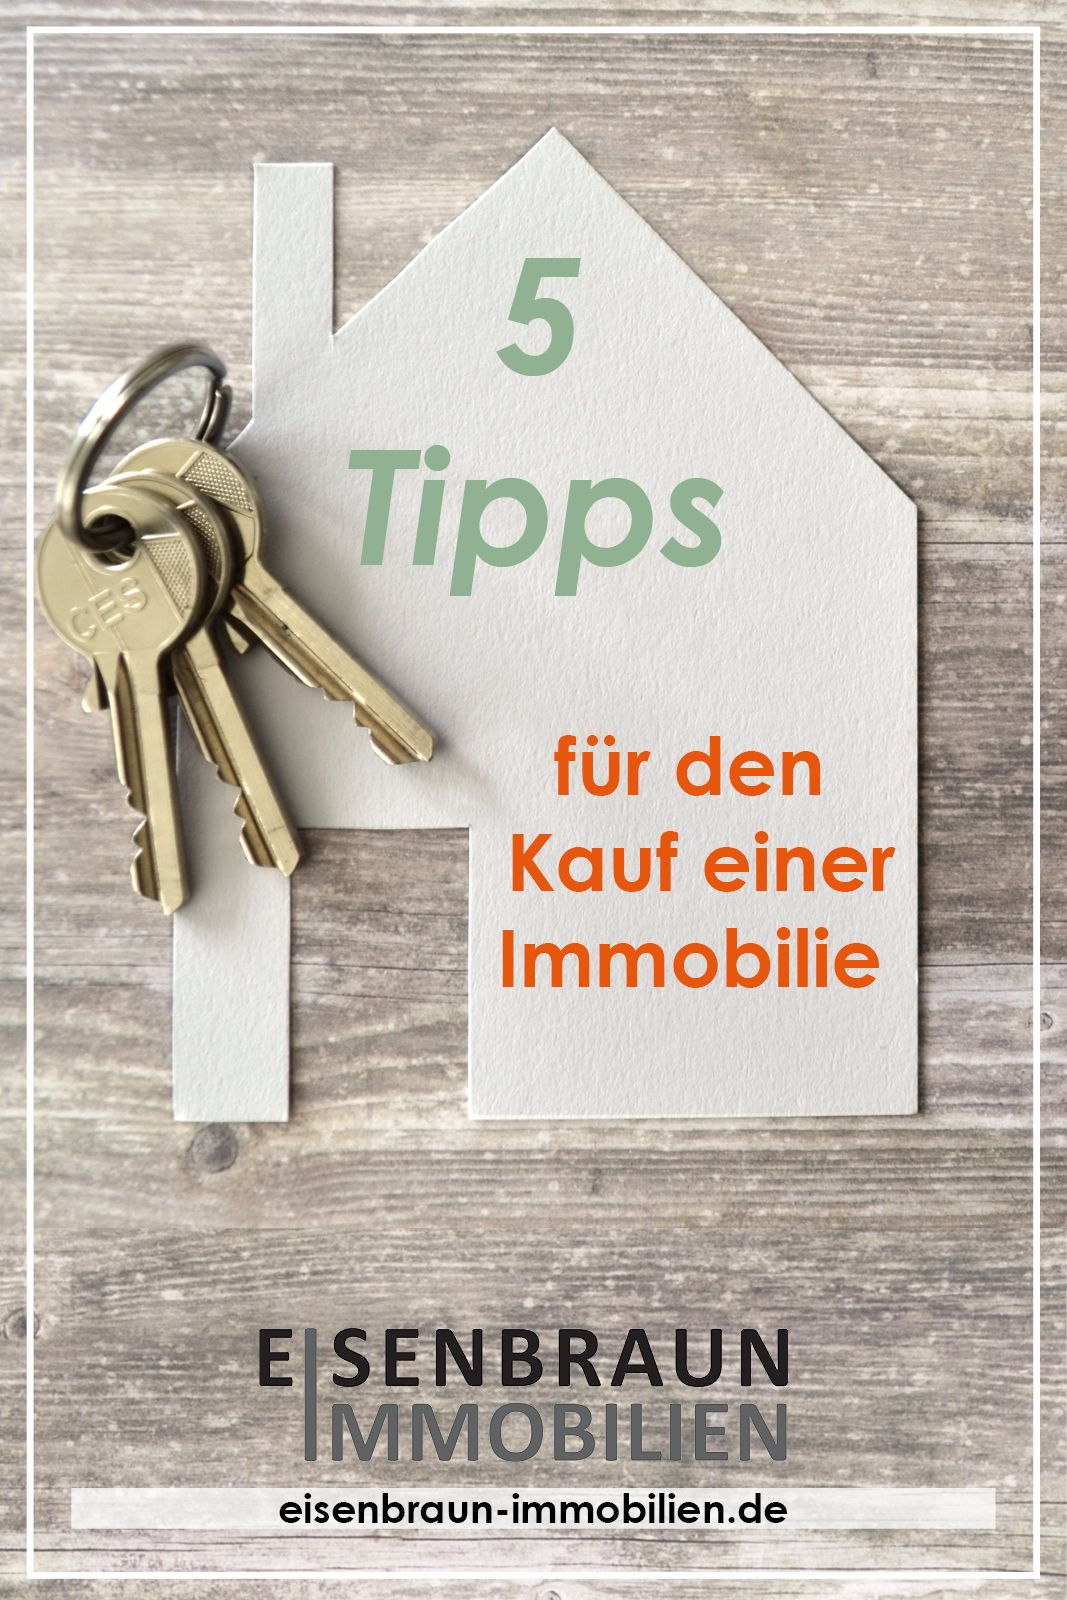 5 Tipps Für Den Kauf Einer Immobilie Haus Oder Wohnung Tipps Hauskauf Wohnungskauf Tipps Immobilien Wohnungskauf